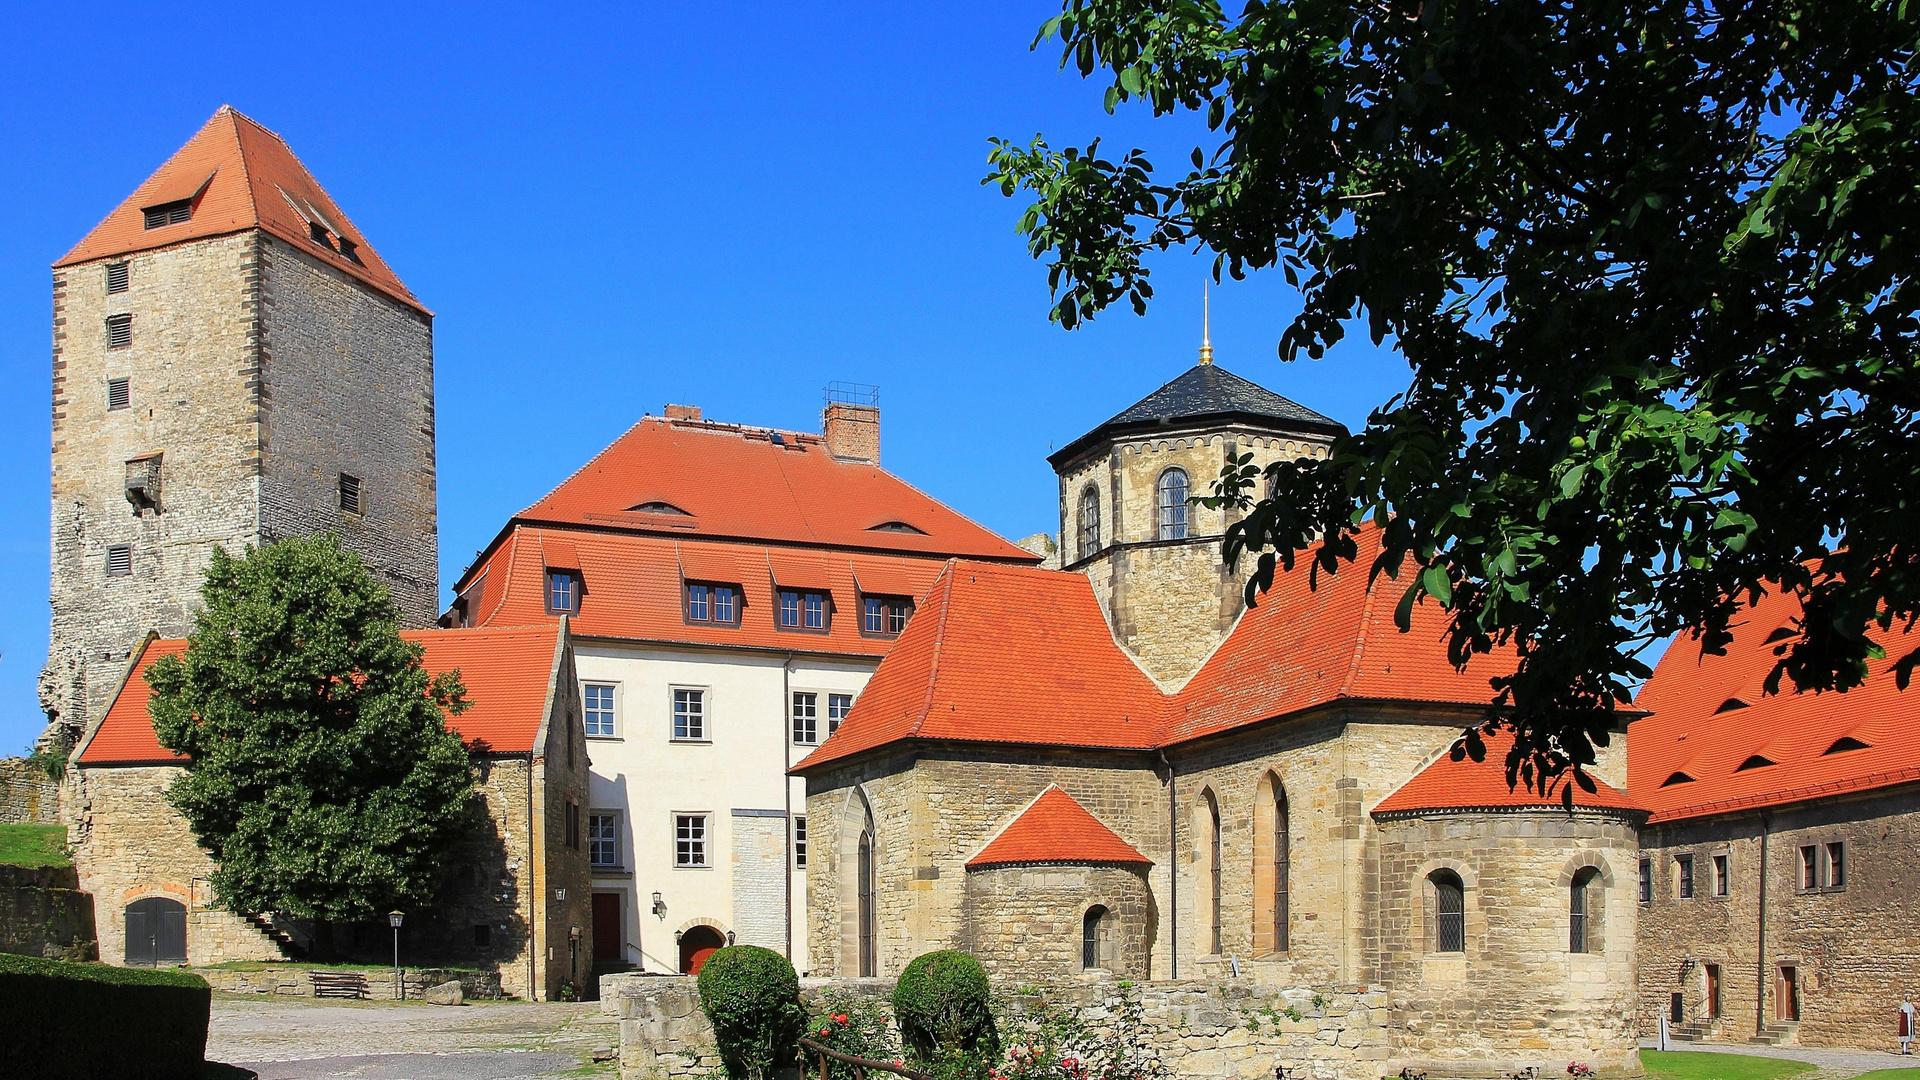 Querfurt Weihnachtsmarkt.Burg Querfurt Detailansicht Foto Bild World